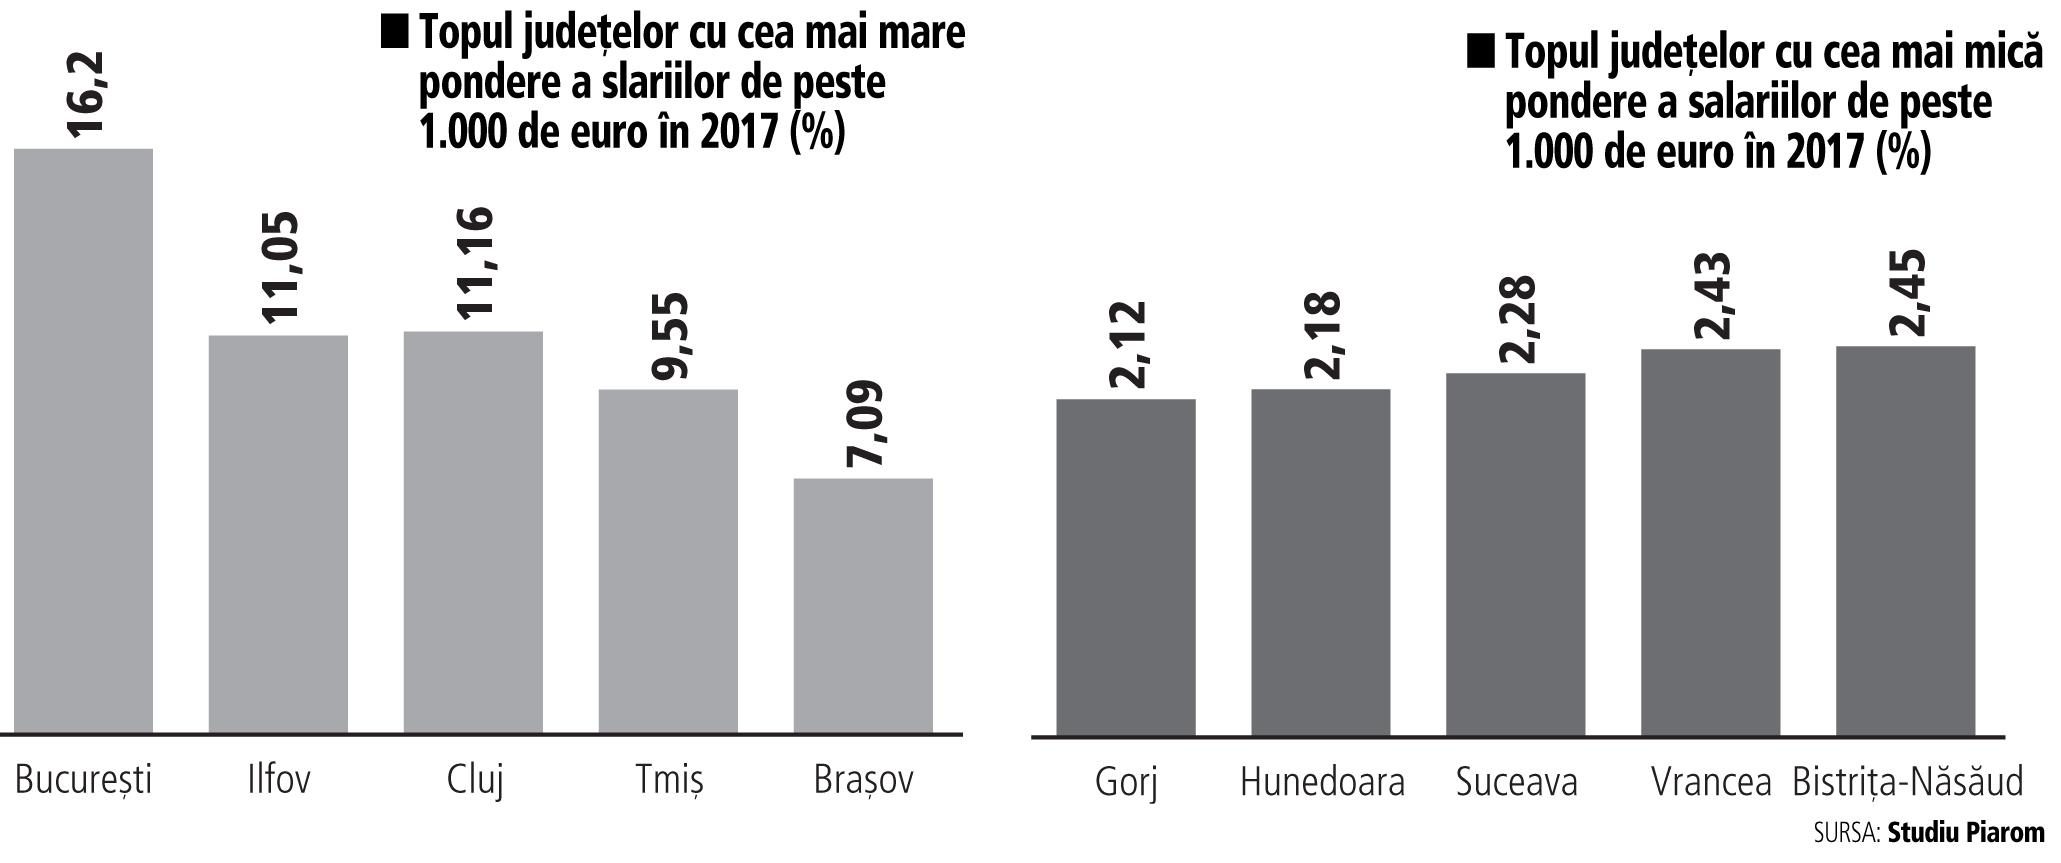 Topul judeţelor cu salarii de peste 1.000 de euro. Bucureştiul conduce detaşat, urmat de Ilfov, Cluj şi Timiş